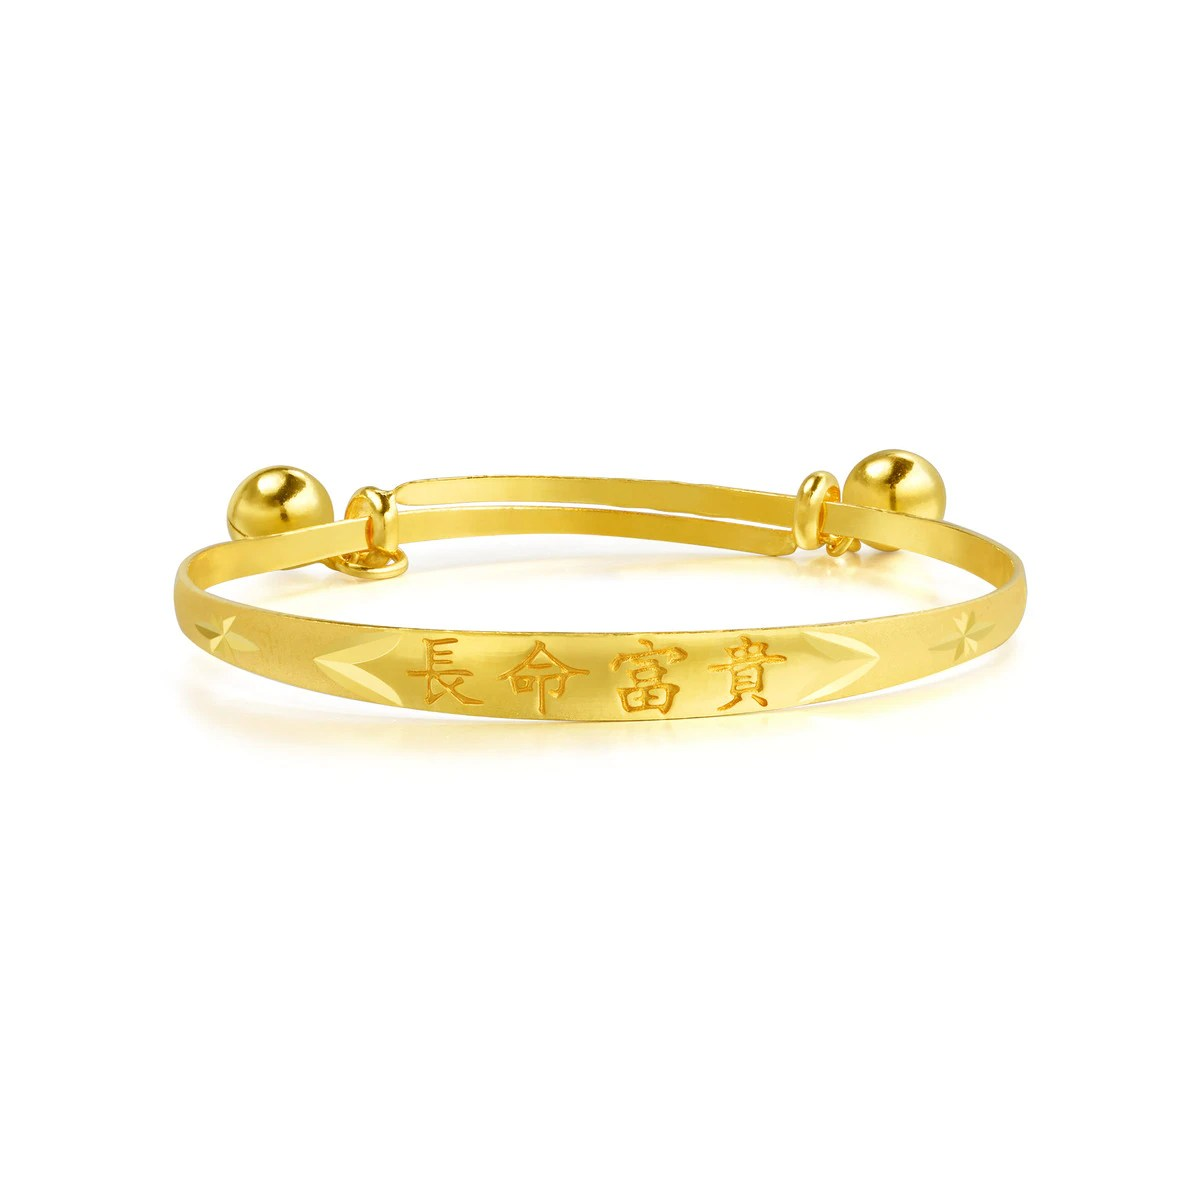 生生有禮 「新生篇」999.9黃金BB手鐲 | 周生生(Chow Sang Sang Jewellery)官方網上珠寶店